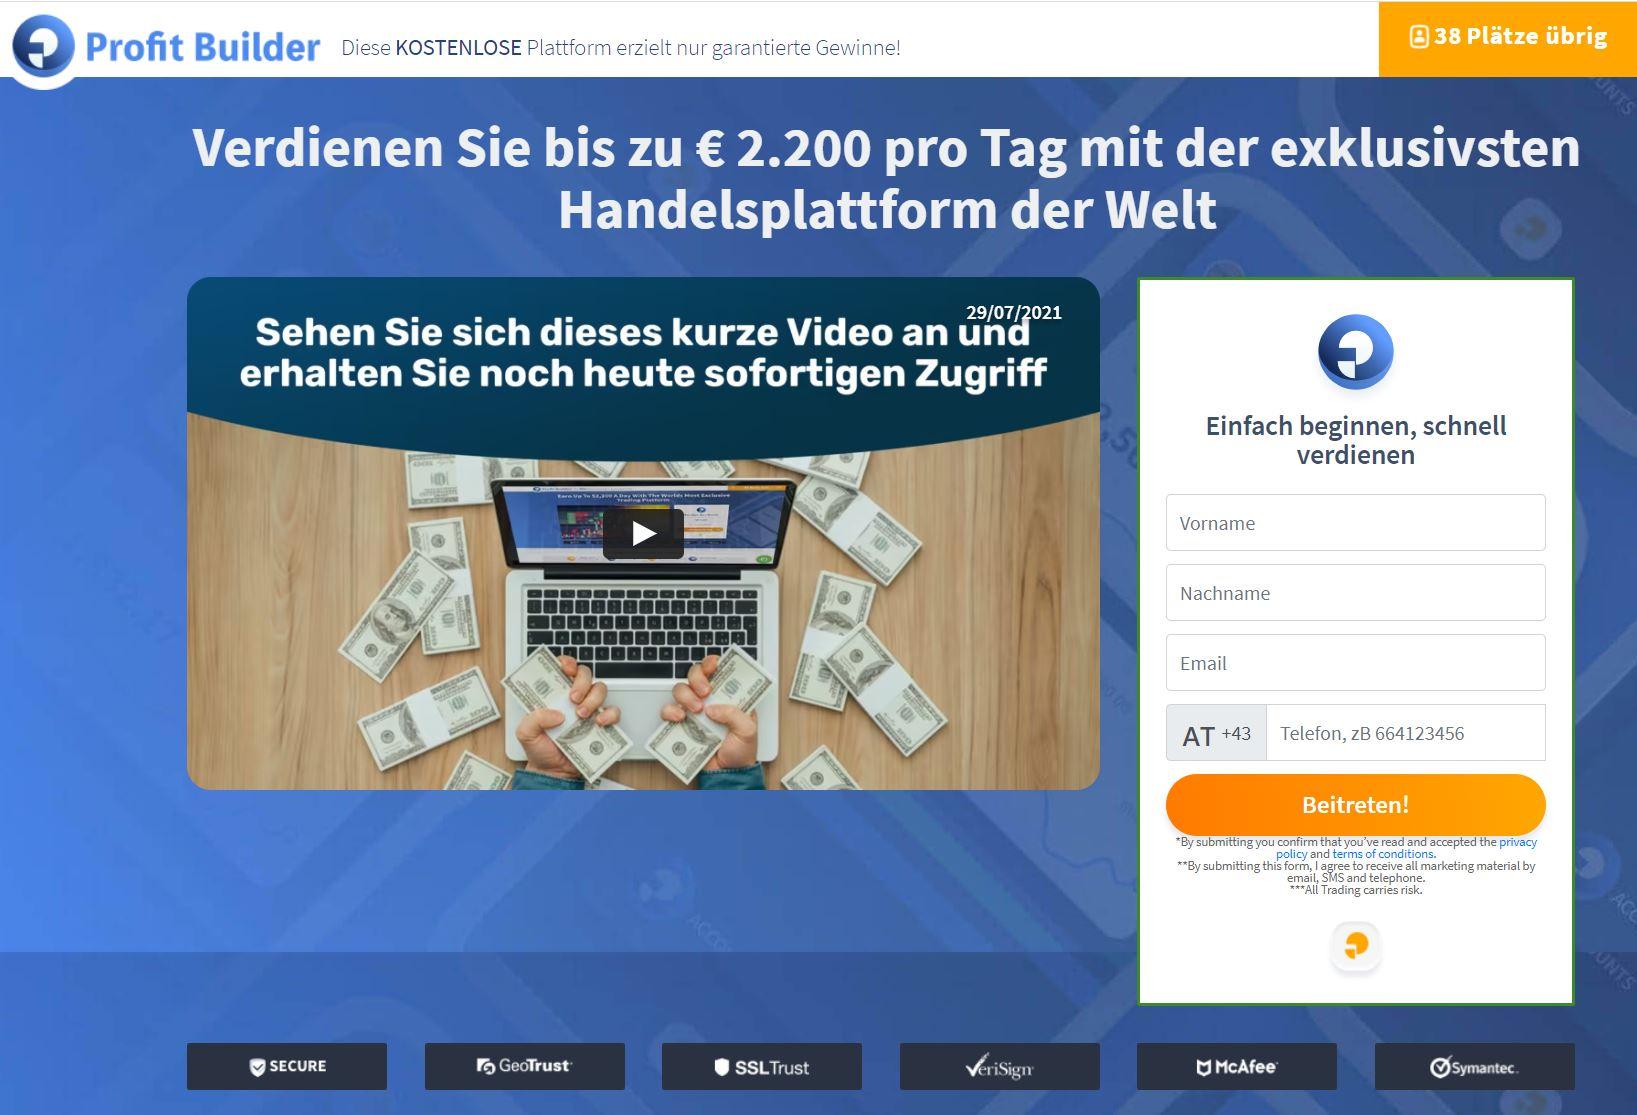 Profit-Builder-Webseite